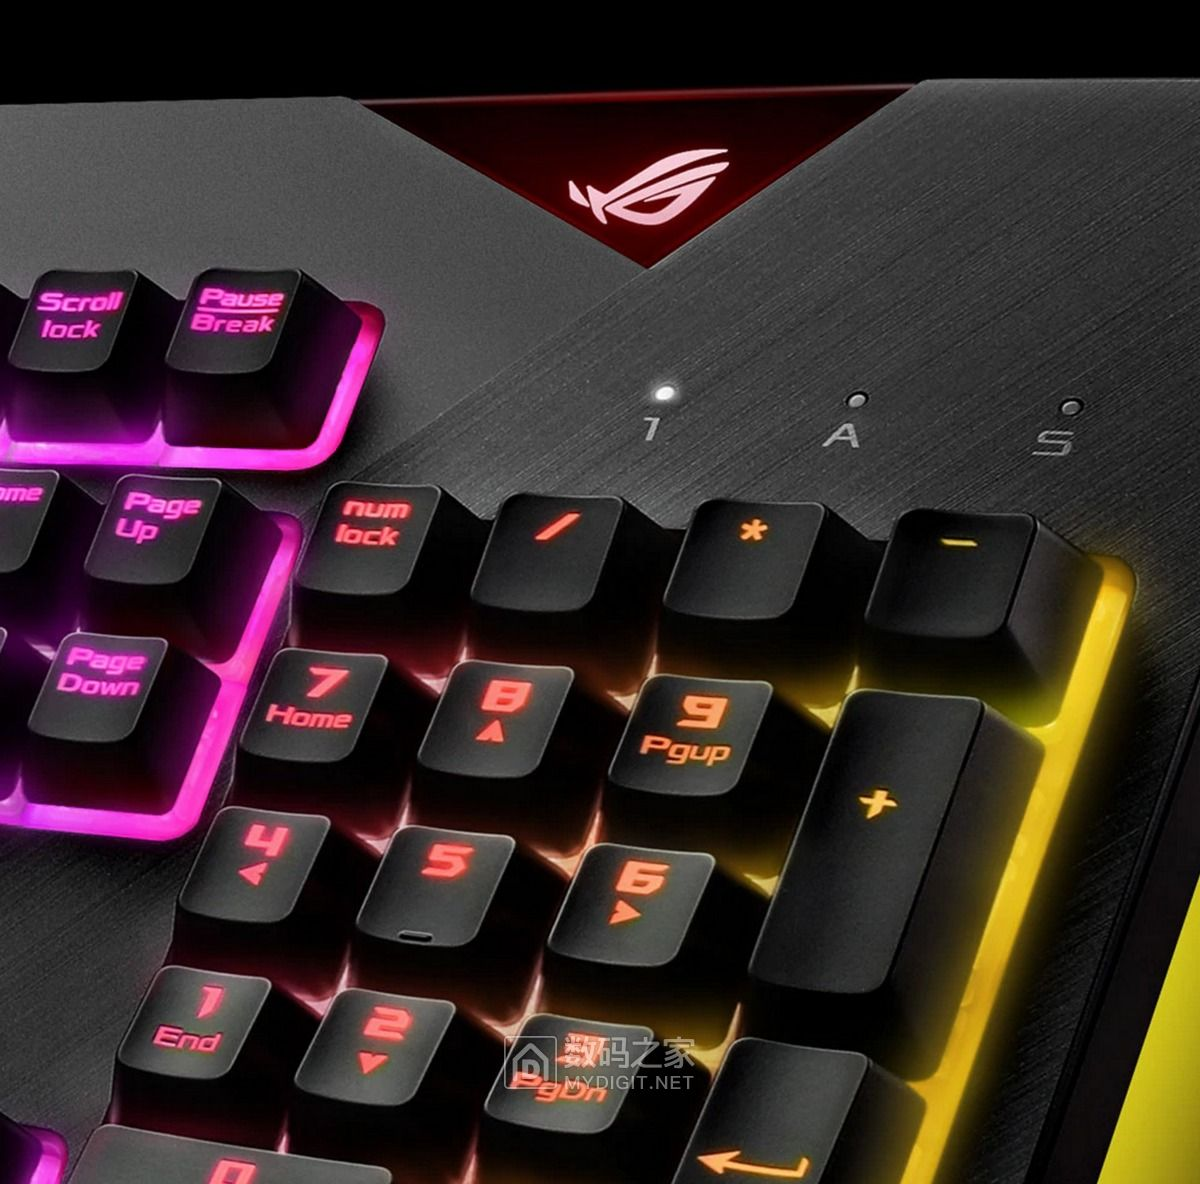 信仰粉努力攒钱吧 华硕最骚机械电竞键盘ROG Strix Flare即将发售